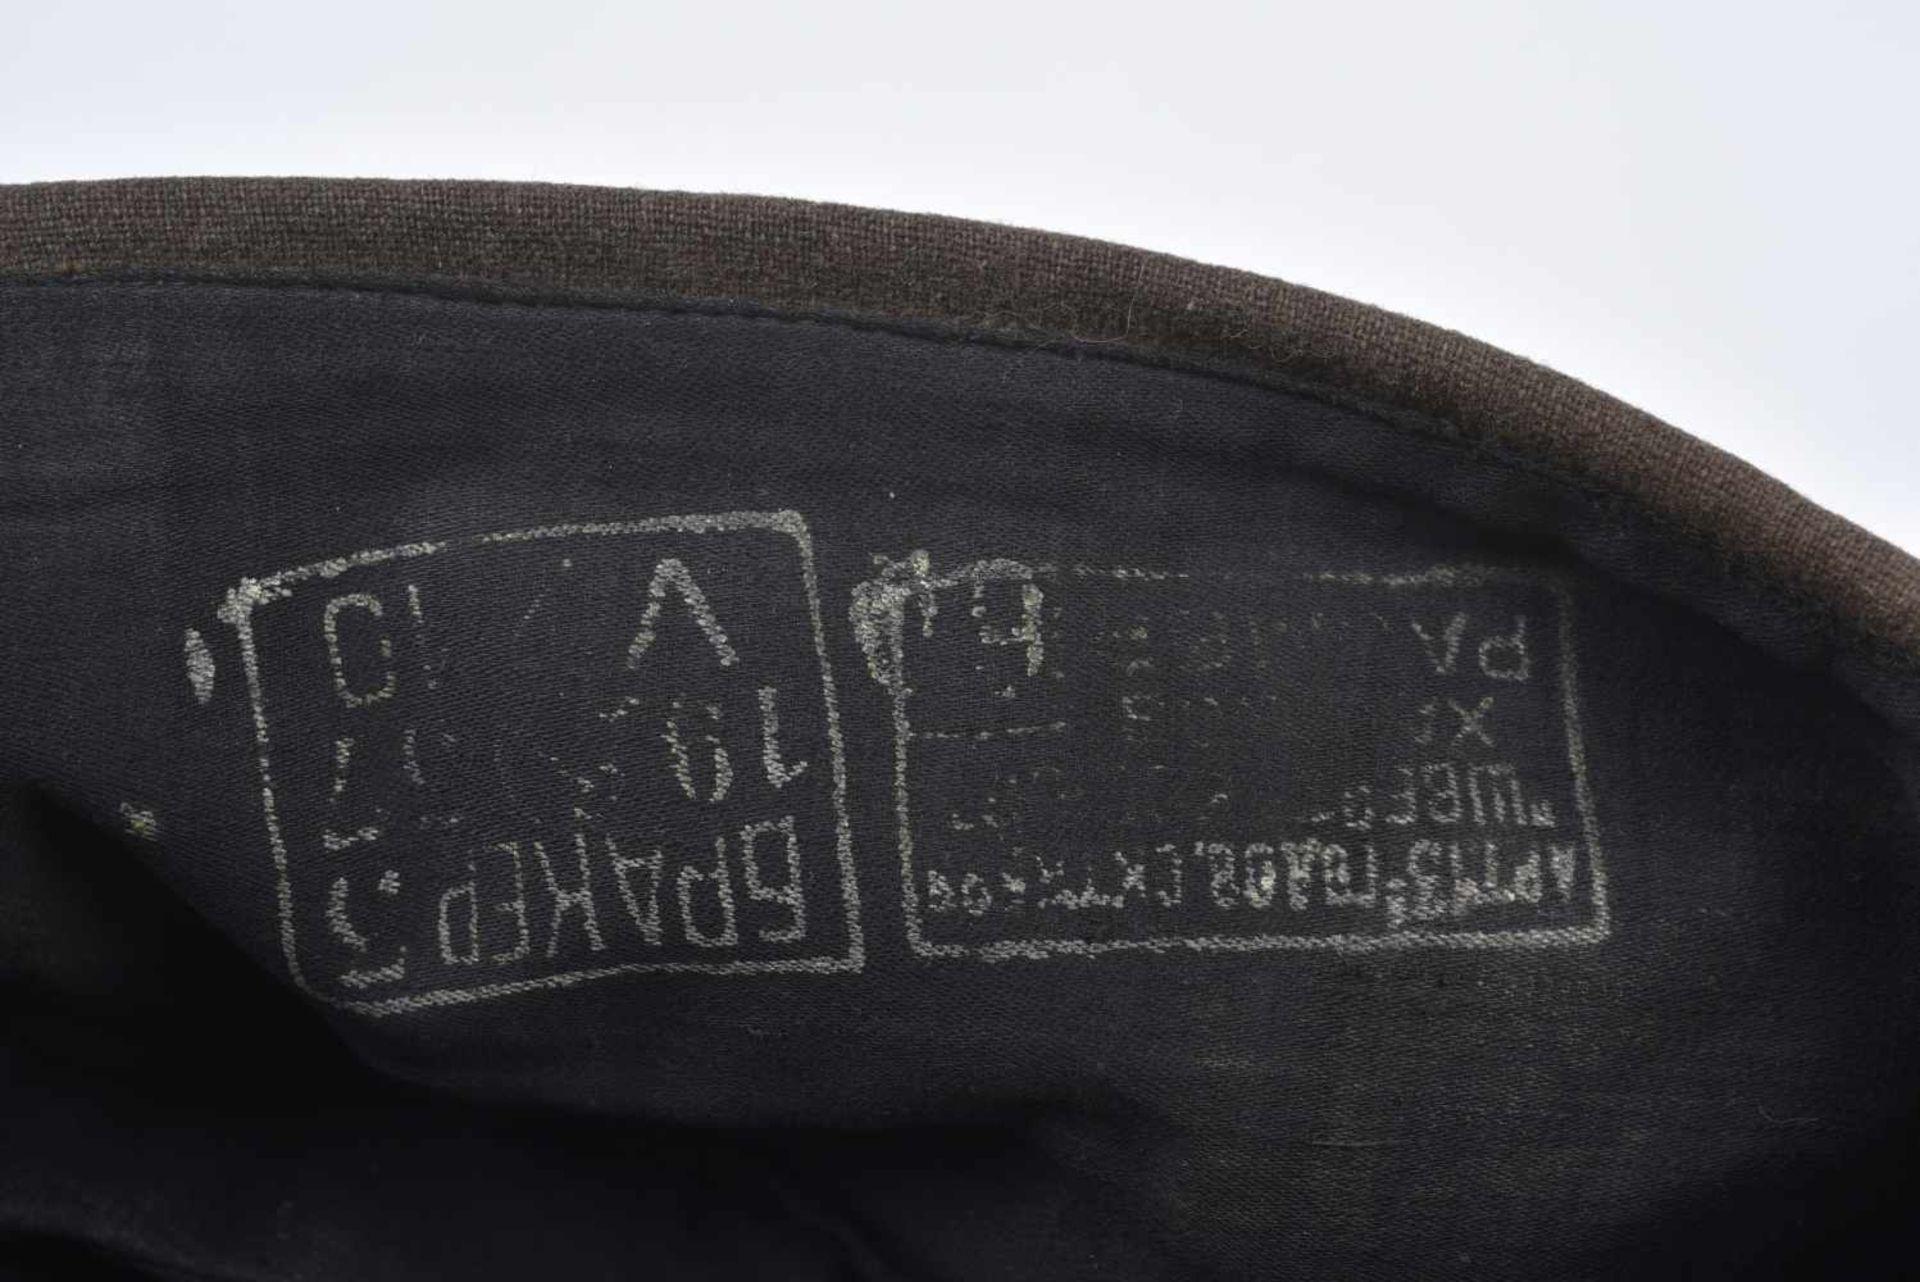 Los 1677 - Calot M.35 pour officier artillerie en laine Fabrication de 1937, avec absence d'étoile en tissu,